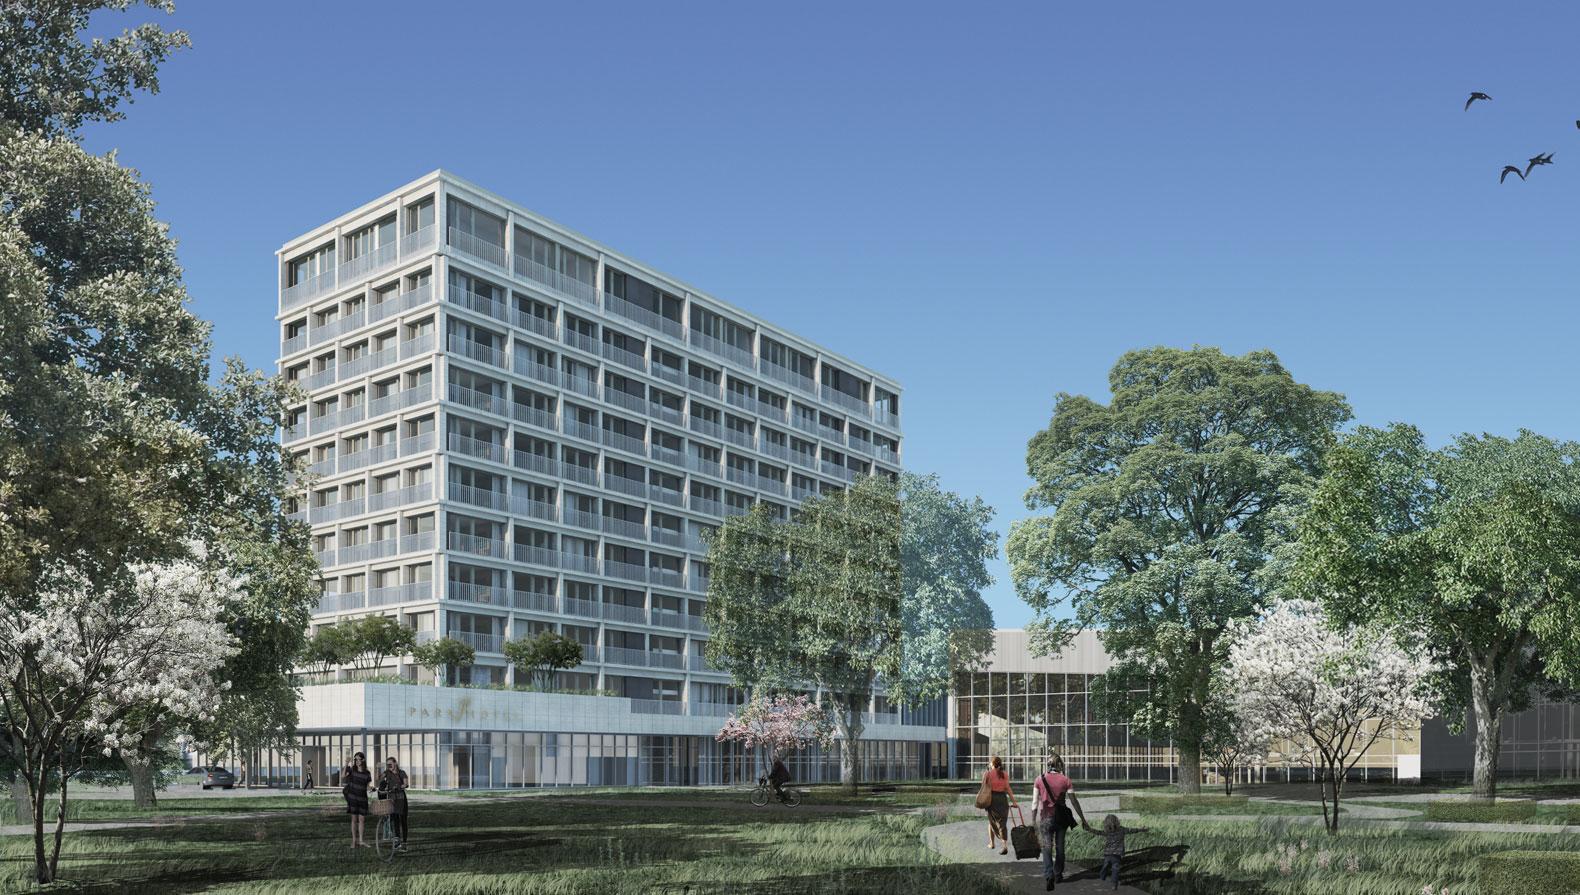 Perspektive Hotelvorfahrt und Seminargarten mit Theodor-Heuß-Saal